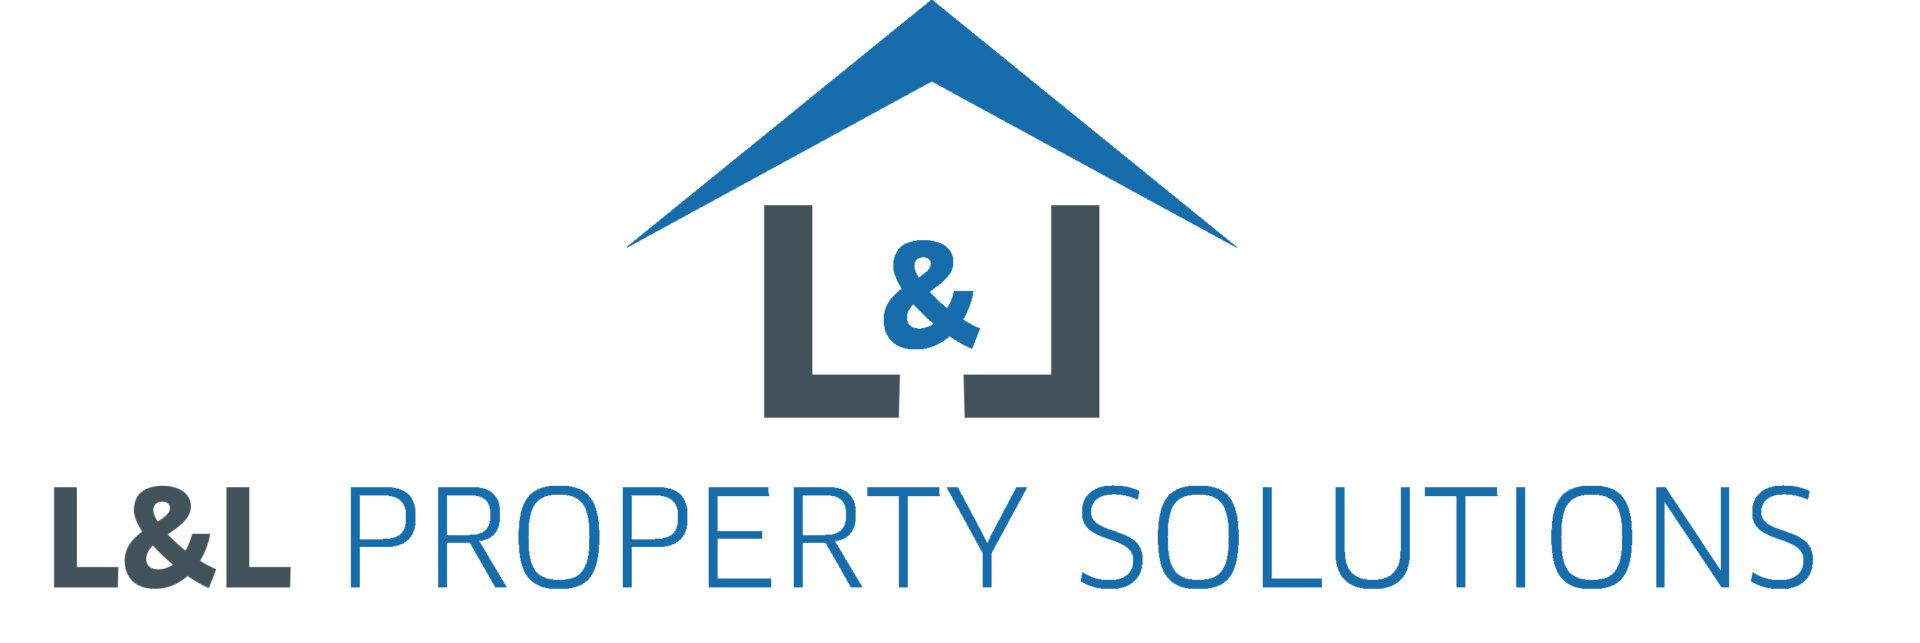 L&L Property Solutions logo